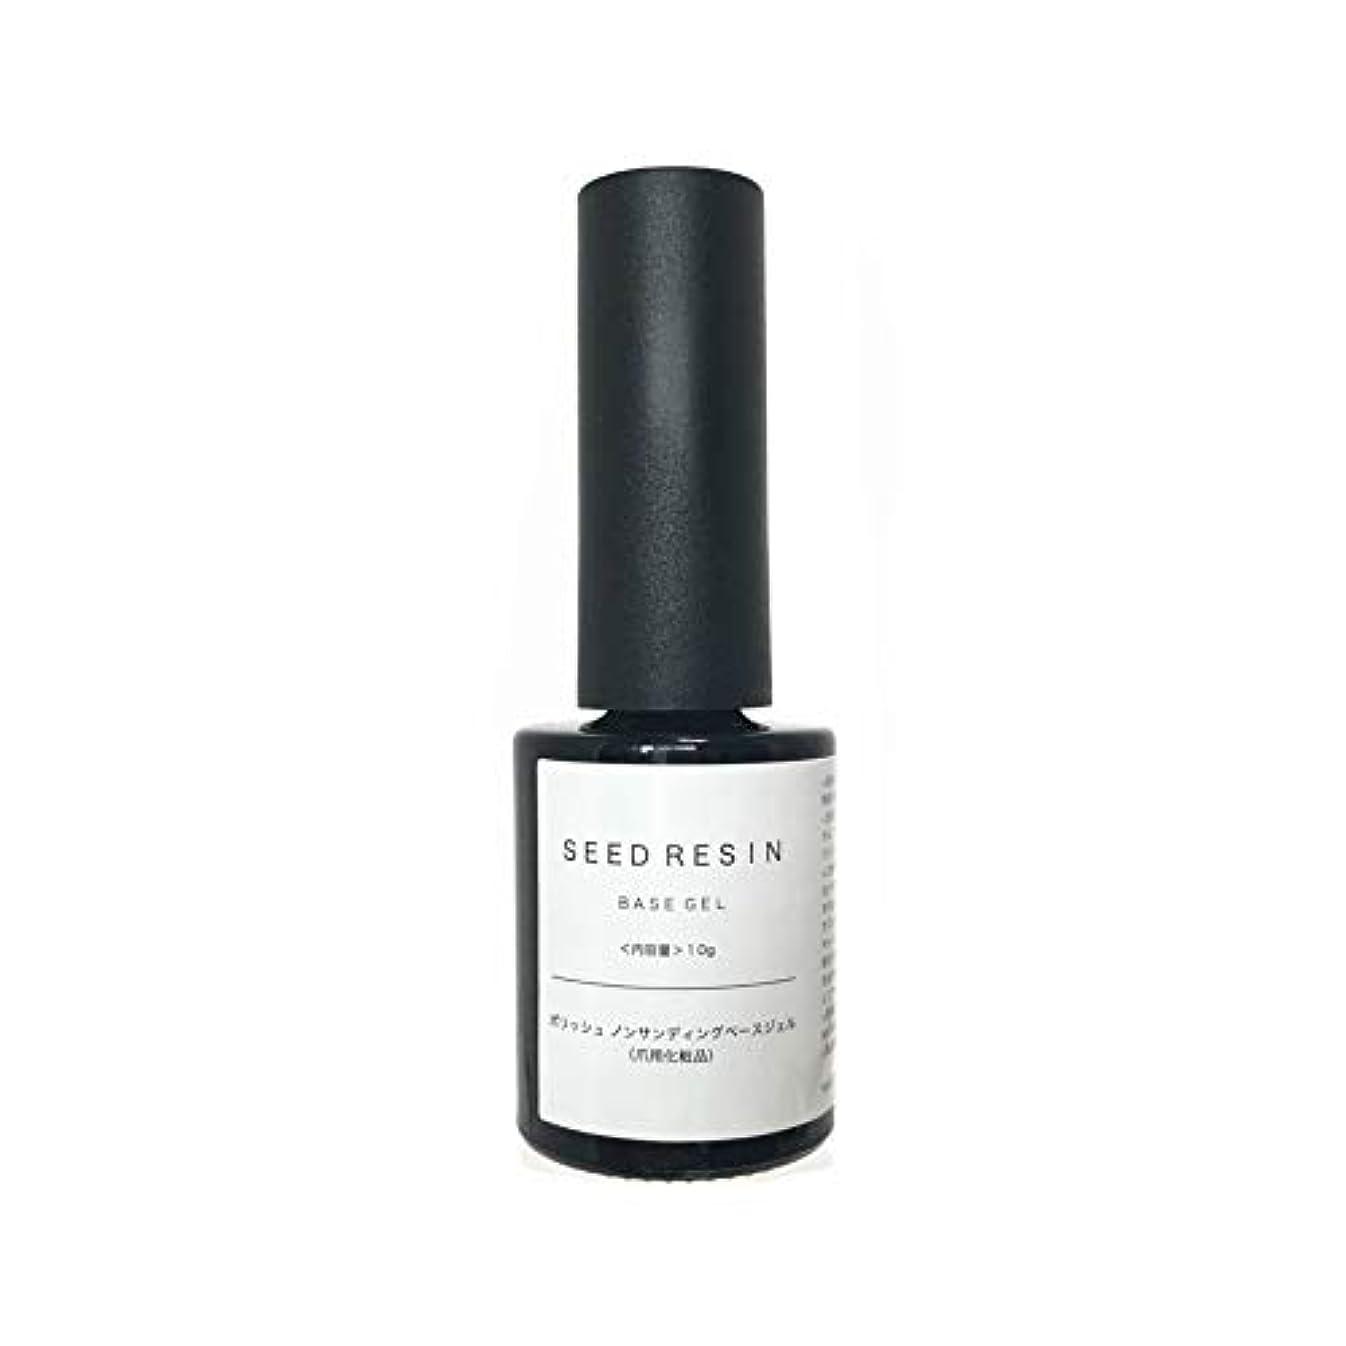 休憩するライドバターSEED RESIN(シードレジン) ジェルネイル ポリッシュ ノンサンディング ベースジェル 10g 爪用化粧品